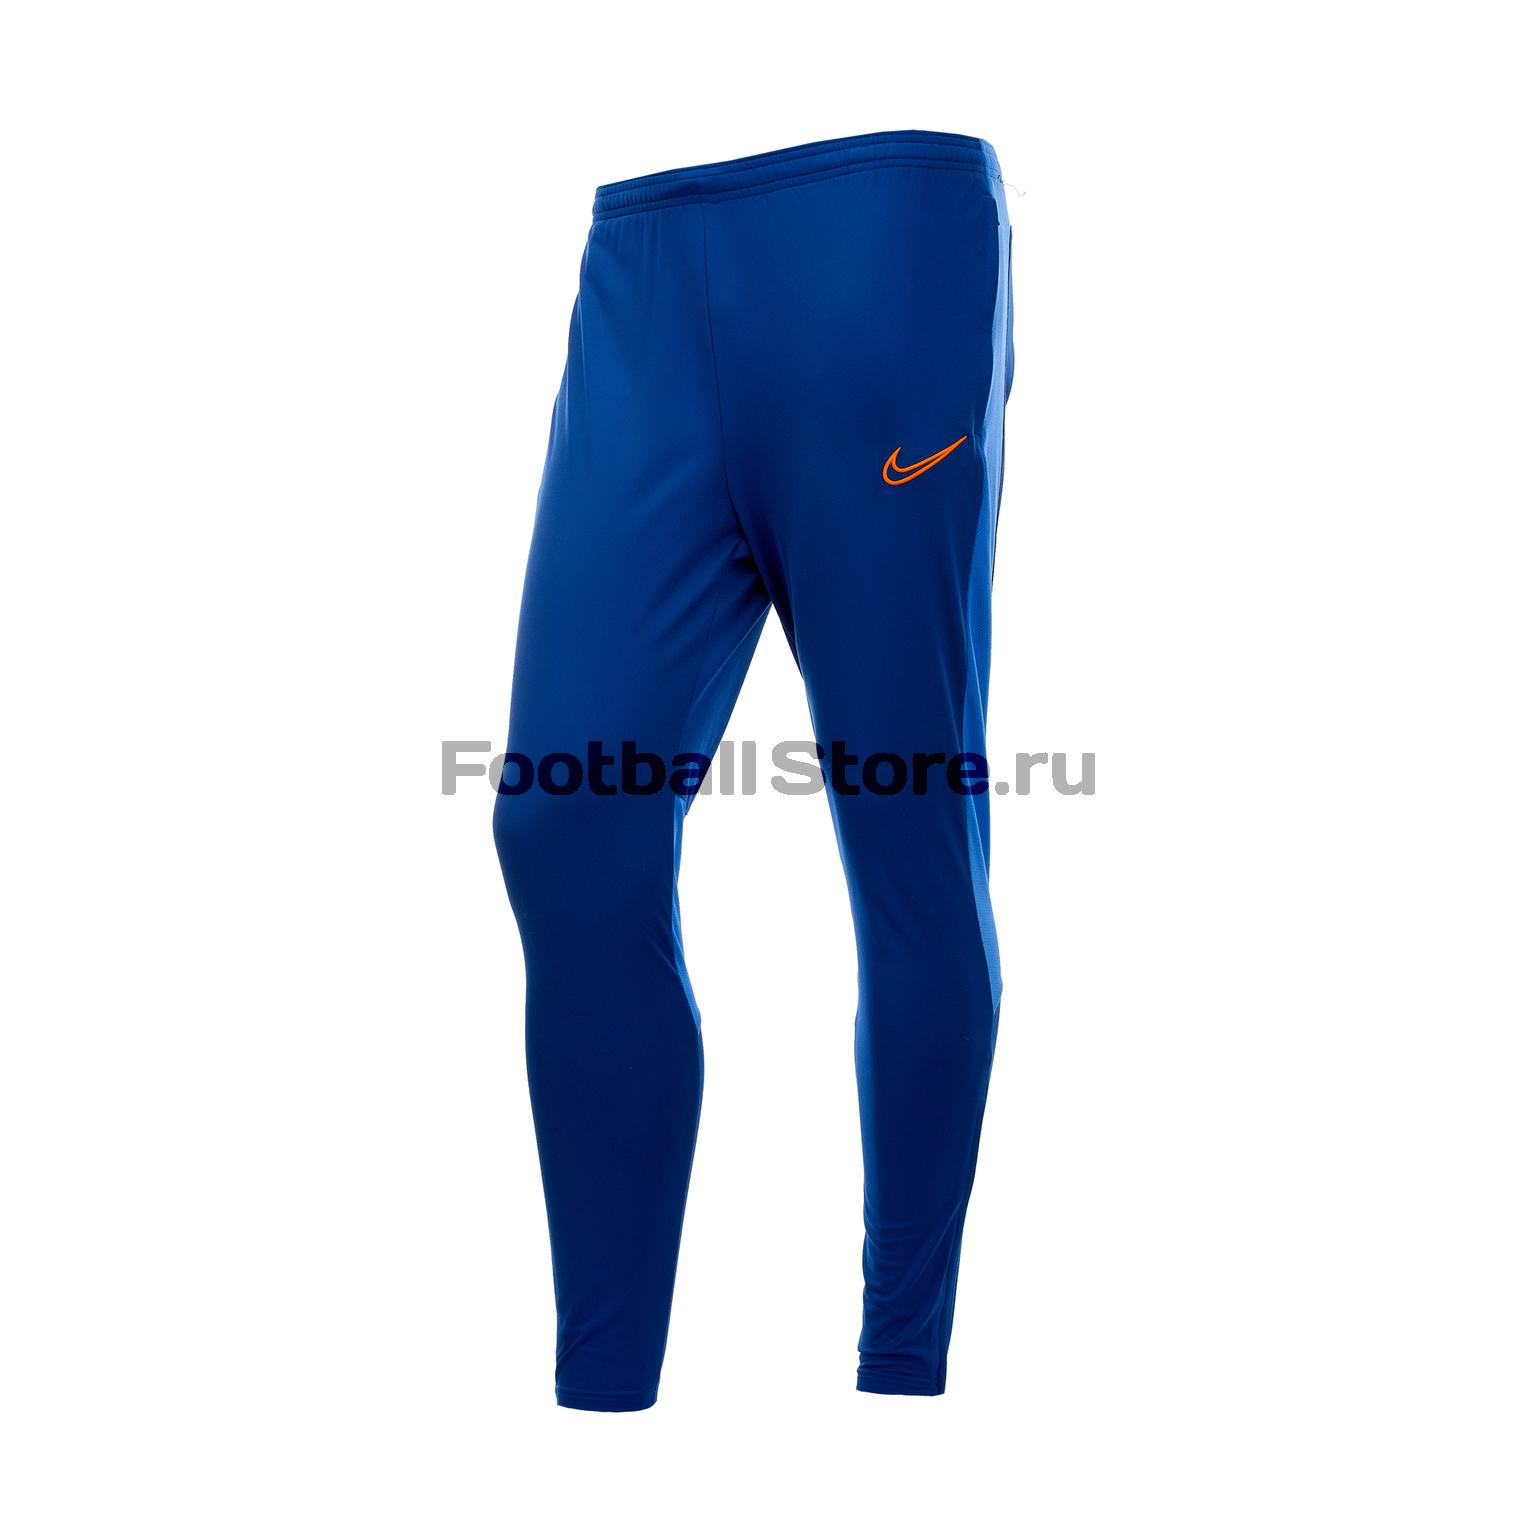 Брюки тренировочные Nike Dry Academy Pant SMR AQ3717-438